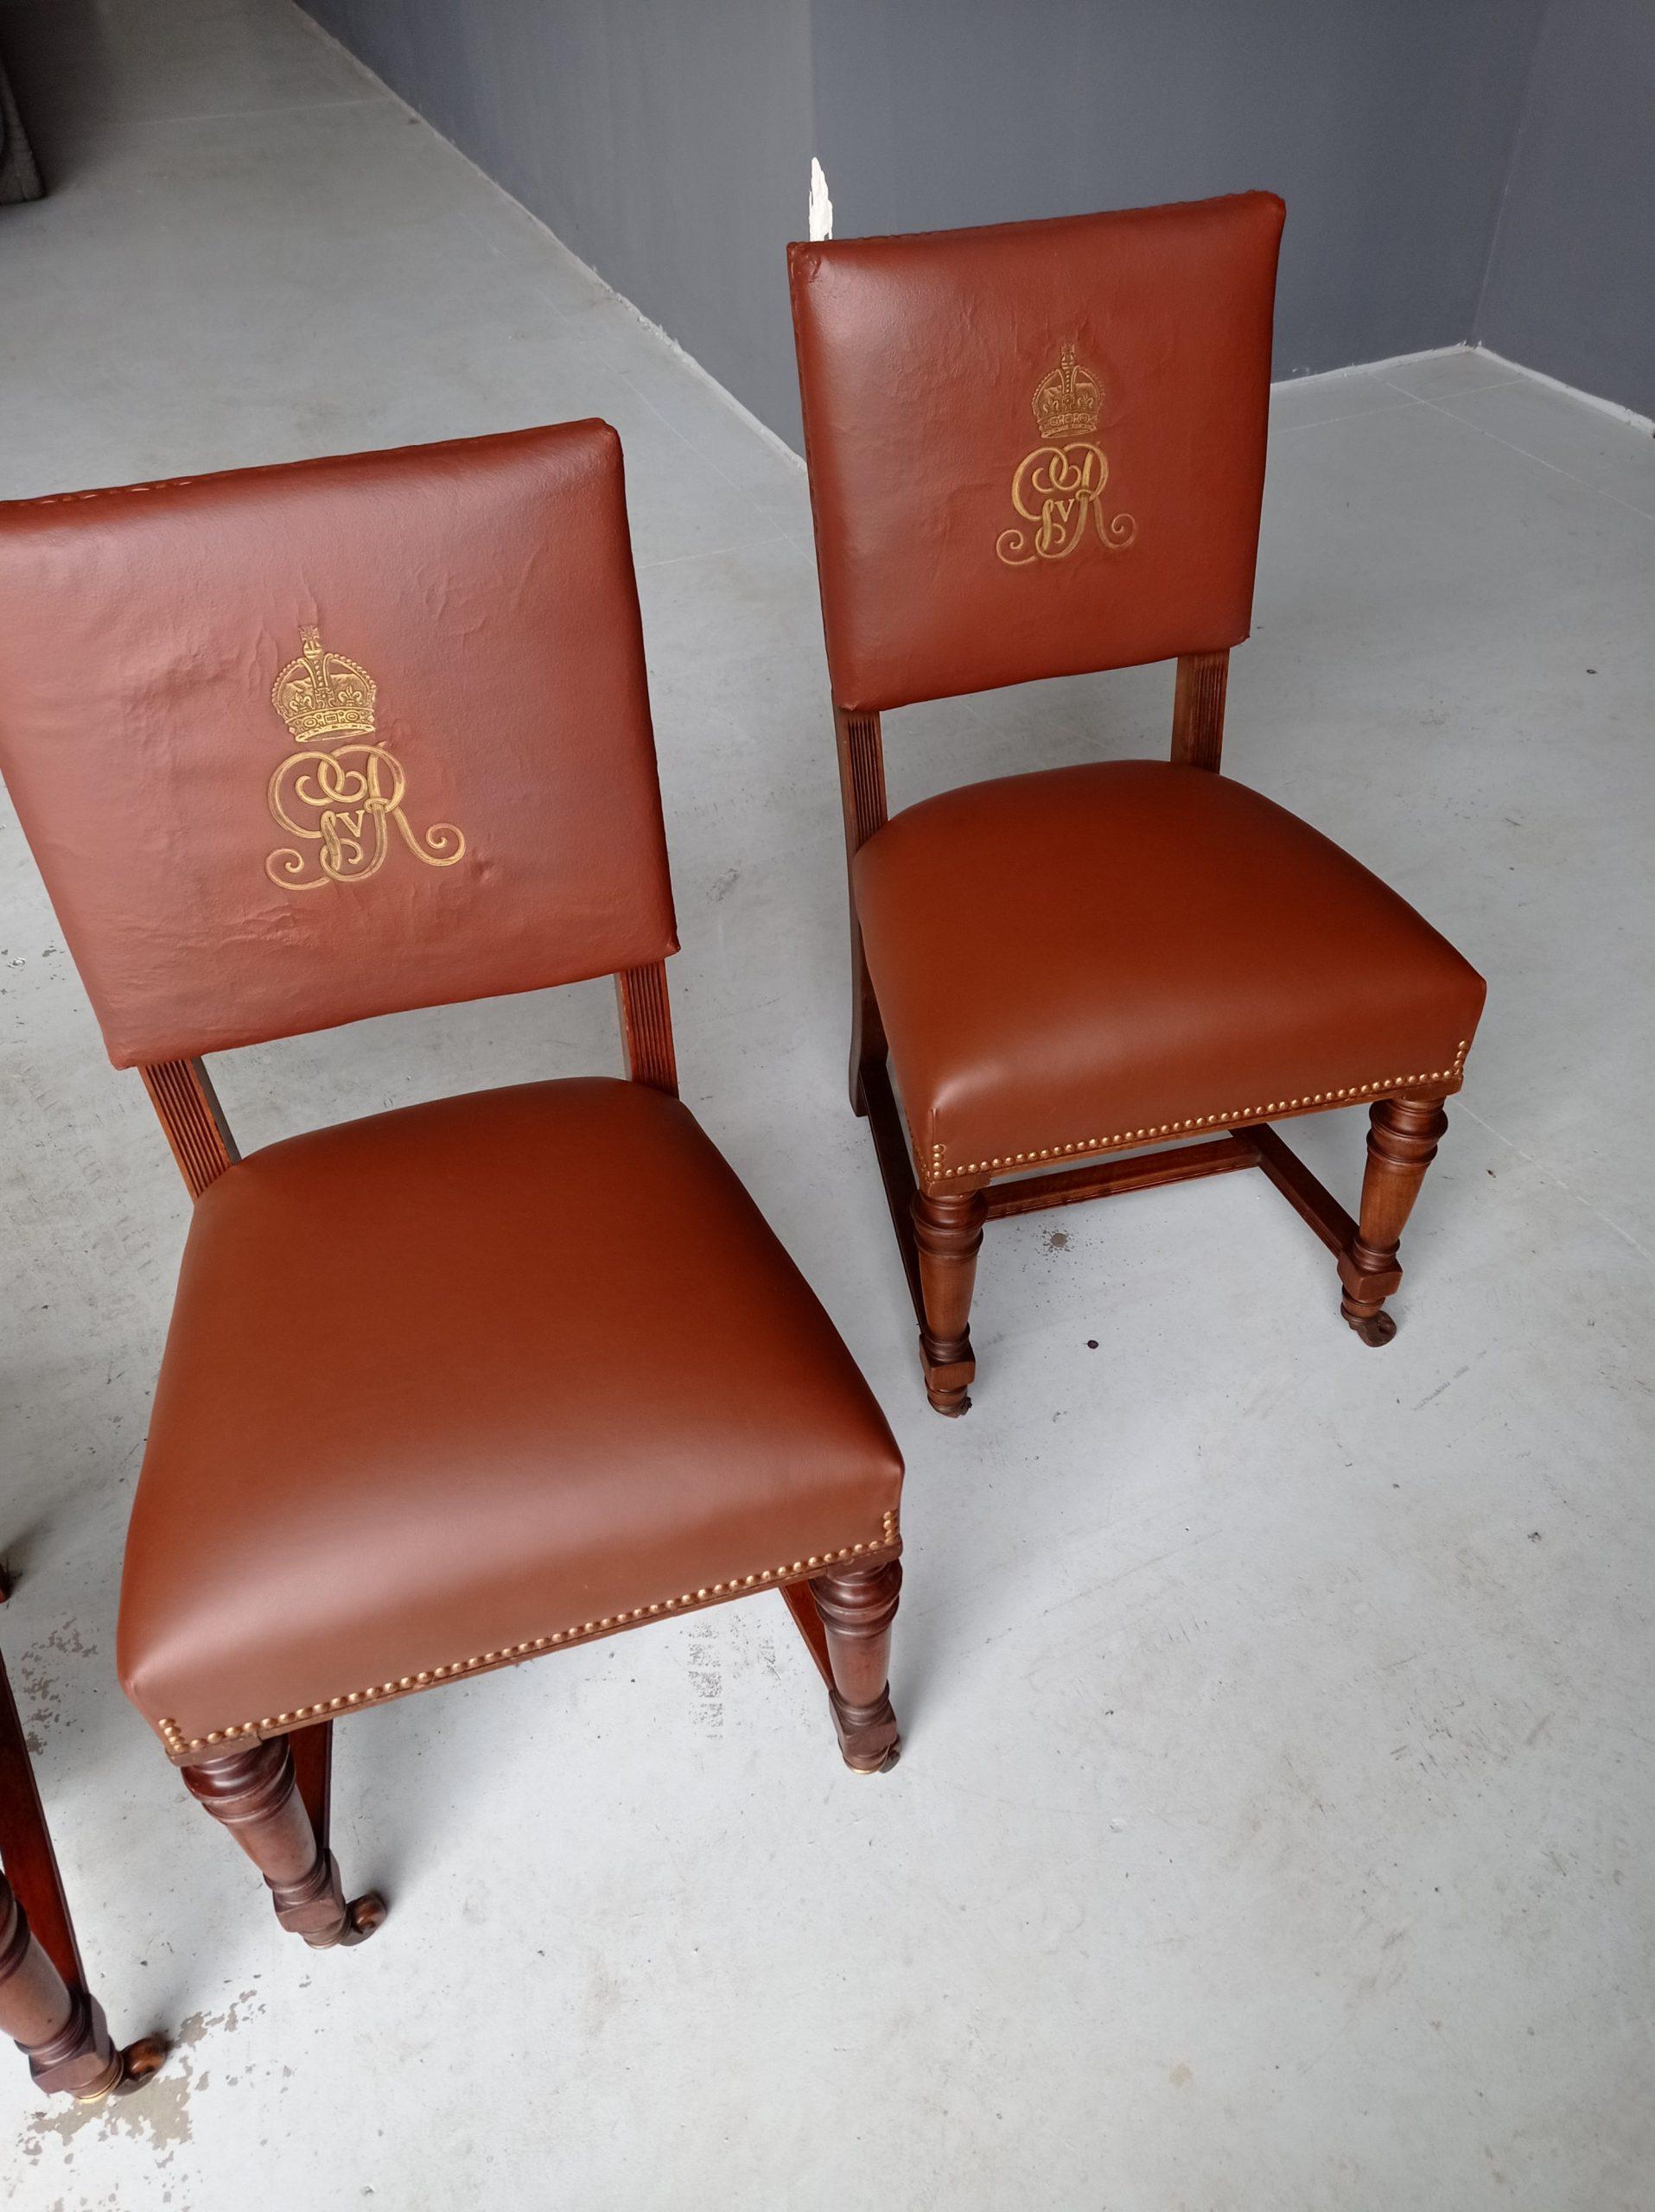 Restauro de cadeiras para embaixada britânica